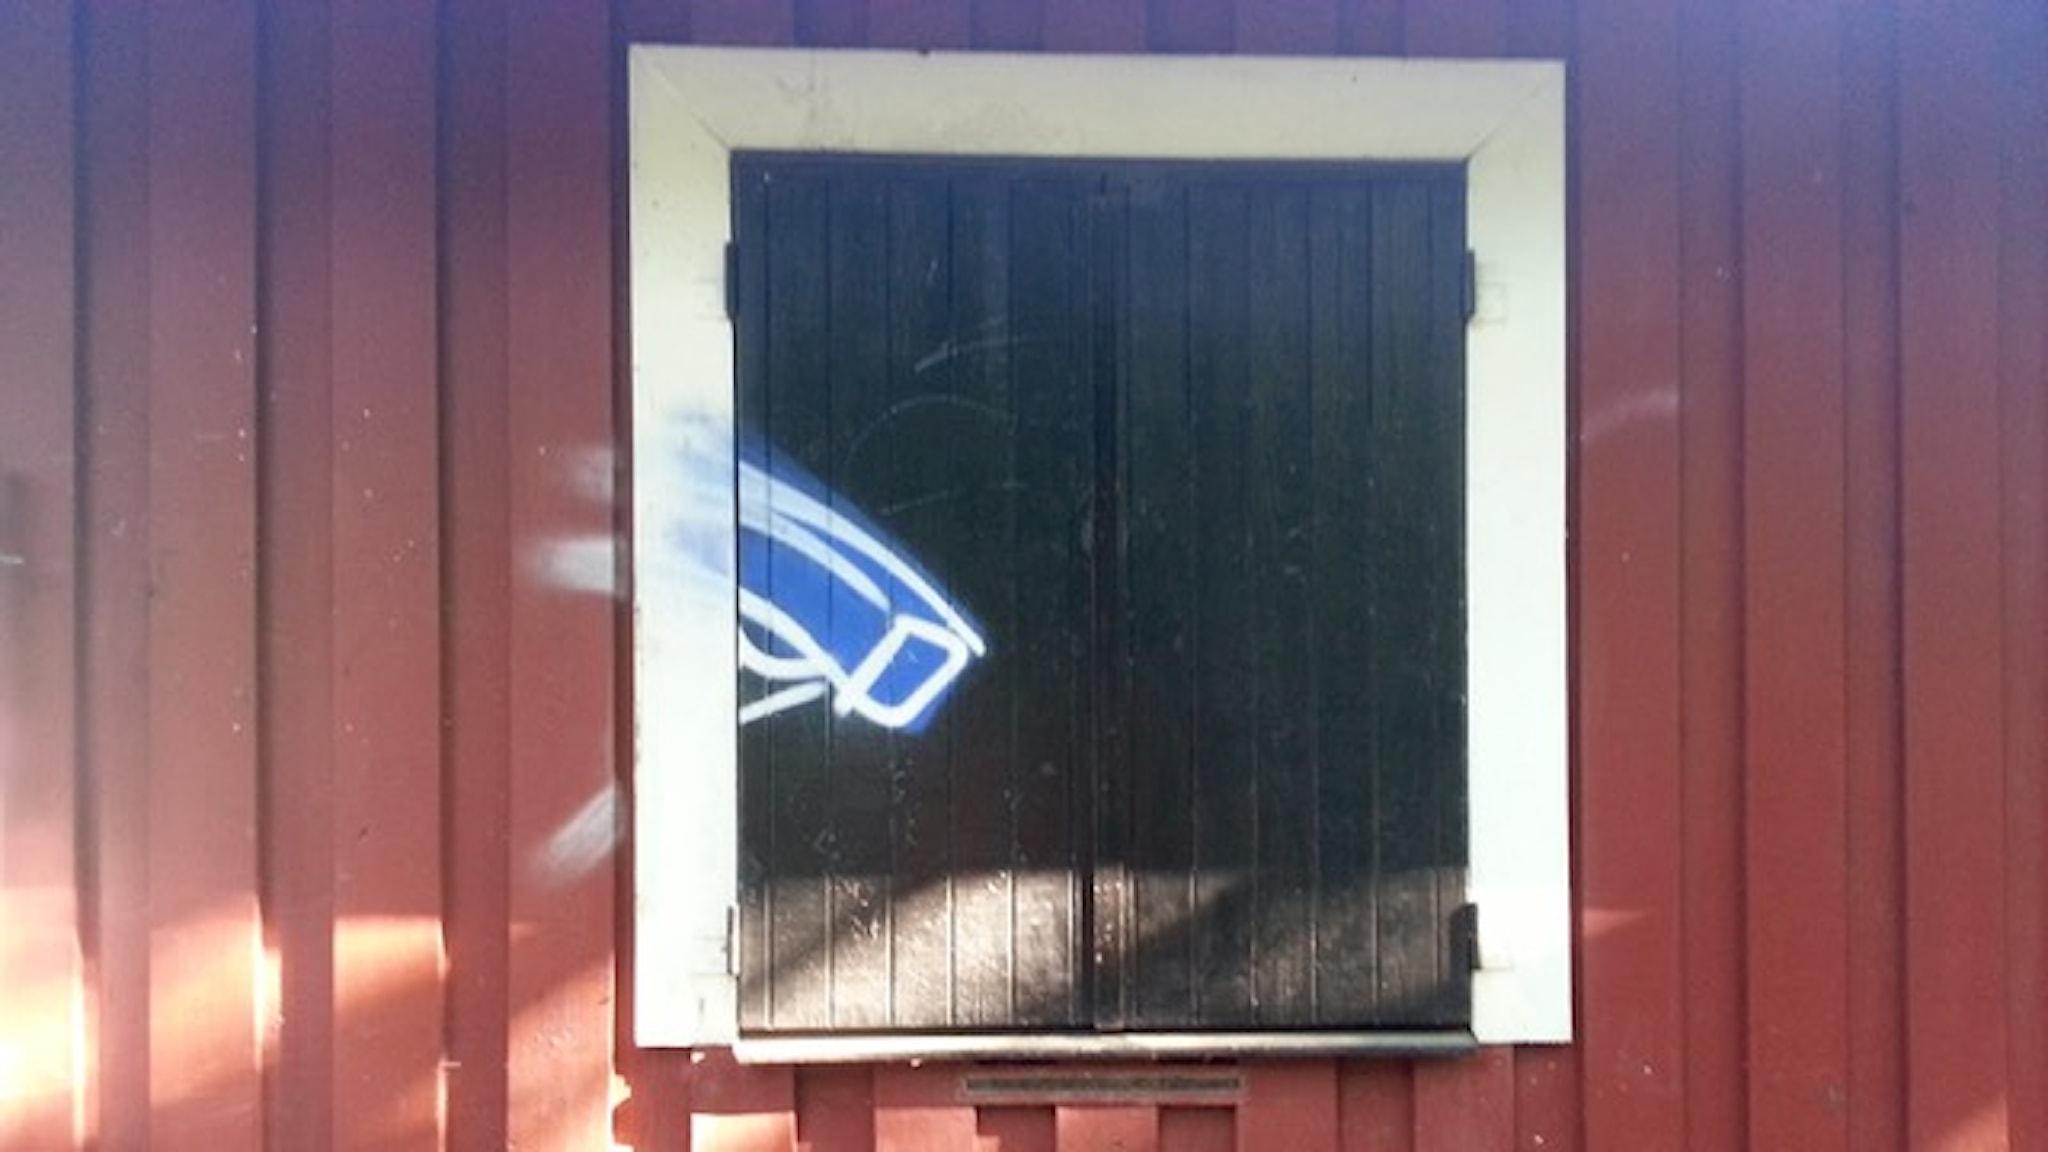 Vad händer med integriteten när såväl storebror som lillasyster och alla andra ser dig? Målad övervakningskamera i Blecktornsparken i Stockholm. Bild: Axel Pettersson, Flickr.